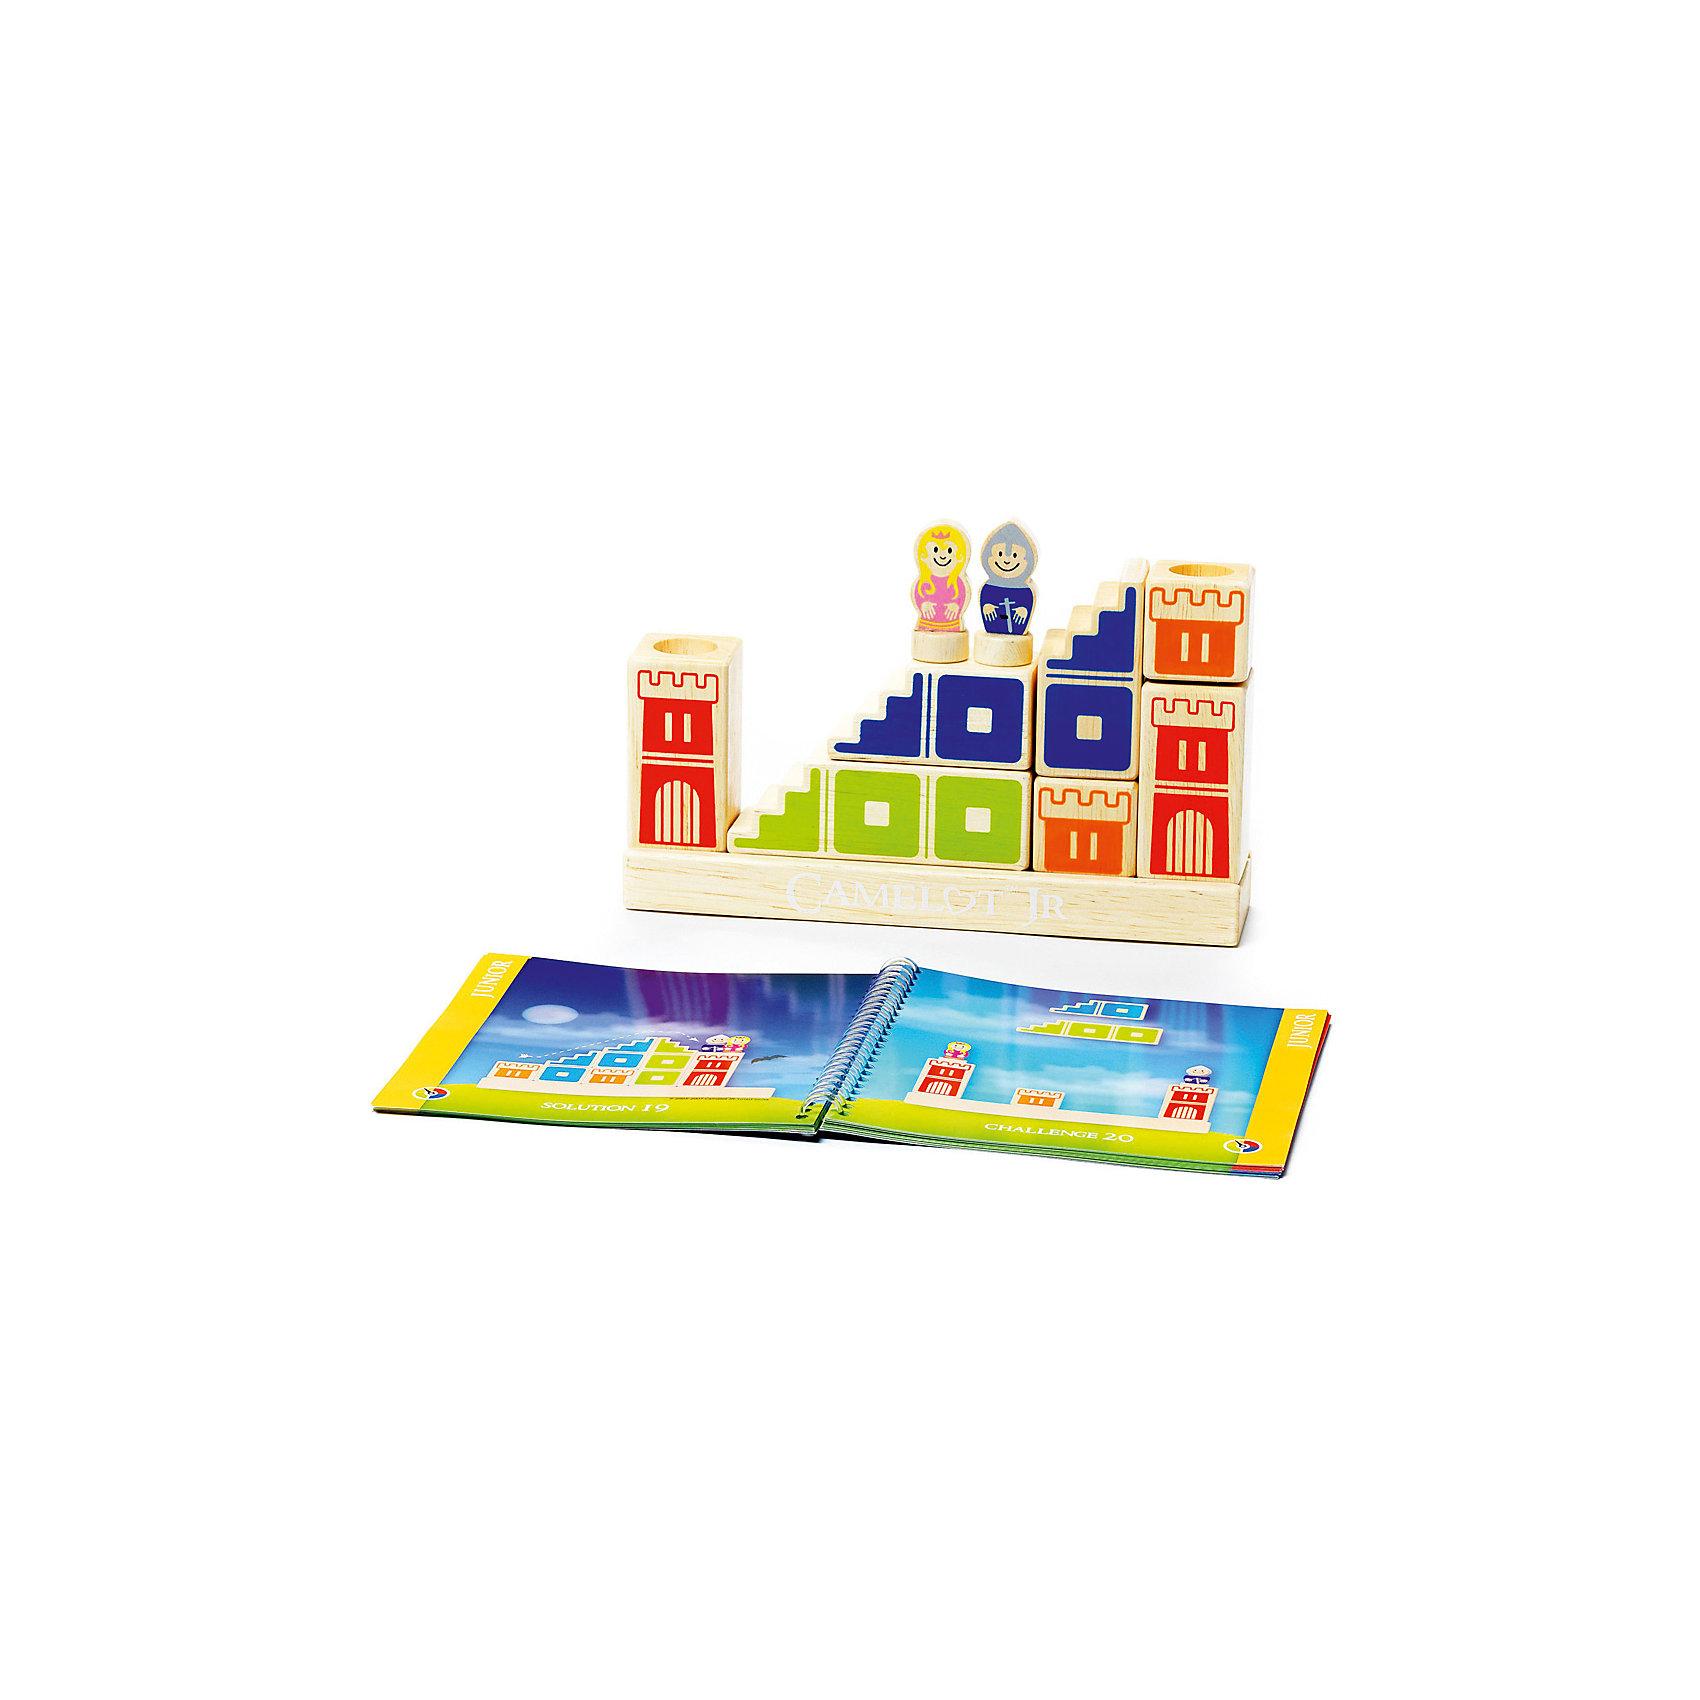 Логическая игра Камелот, BondibonНастольные игры<br>Характеристики:<br><br>• Вид игр: игра-конструктор<br>• Пол: универсальный<br>• Материал: дерево, бумага, картон<br>• Количество игроков: 1<br>• Количество уровней сложности: 4<br>• Количество заданий: 48<br>• Размер (Д*Ш*В): 24*5*24 см<br>• Вес: 1 кг 014 г<br>• Комплектация: блоки для постройки замка и моста, фигурка принцессы, фигурка принца, блокнот с заданиями, инструкция<br><br>Логическая игра Камелот, Bondibon – это настольная игра от всемирно известного производителя детских игр развивающей и обучающей направленности. Smart Games – это серия логических игр, предназначенная для одного игрока с несколькими уровнями сложности и множеством заданий. Цель игры Камелот заключается в том, чтобы помочь добраться принцу до принцессы, построив замок, башни и мост в соответствии с заданием, указанным в карточке. Элементы игры выполнены из качественного обработанного дерева, упакованы в картонную коробку. В комплекте имеется инструкция с правилами игры и буклет с заданиями.<br><br>Логические игры Smart Games от Bondibon научат ребенка логическому и пространственному мышлению, концентрации внимания и выработке индивидуальной тактики решения игровых задач. Настольные игры от Bondibon – залог развития успешности вашего ребенка в будущем! <br><br>Логическую игру Камелот, Bondibon можно купить в нашем интернет-магазине.<br><br>Ширина мм: 240<br>Глубина мм: 50<br>Высота мм: 240<br>Вес г: 950<br>Возраст от месяцев: 48<br>Возраст до месяцев: 108<br>Пол: Унисекс<br>Возраст: Детский<br>SKU: 5121957